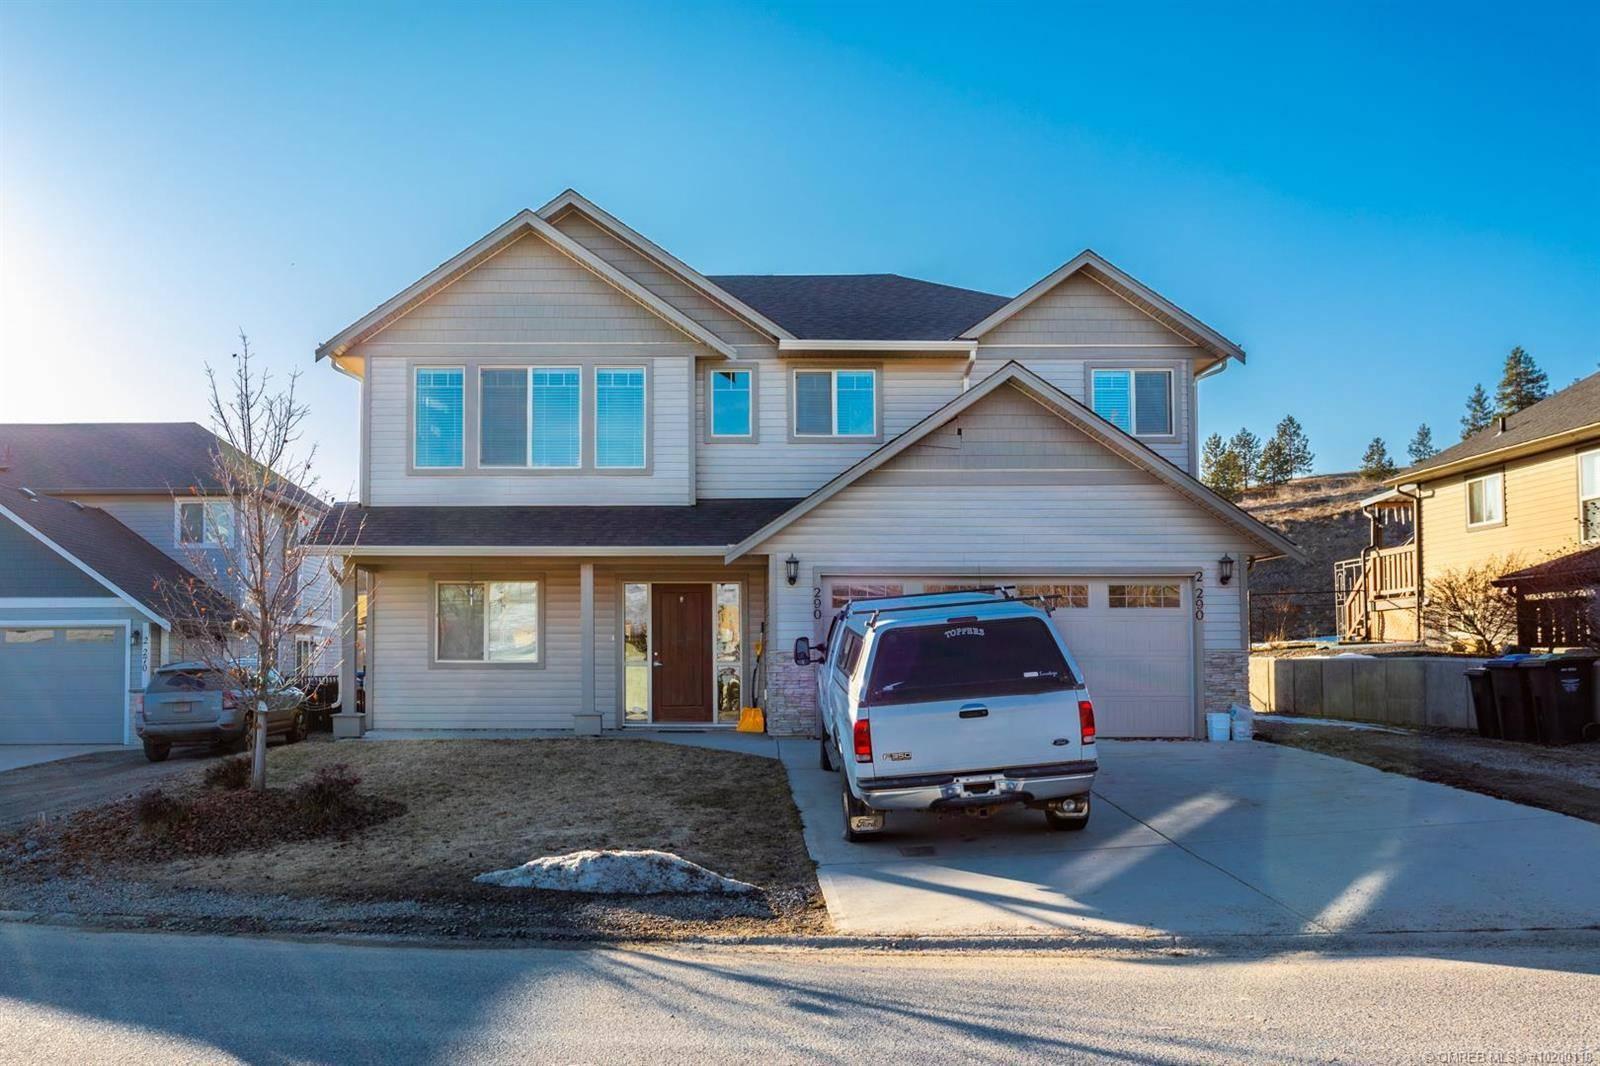 House for sale at 290 Arab Rd Kelowna British Columbia - MLS: 10200118